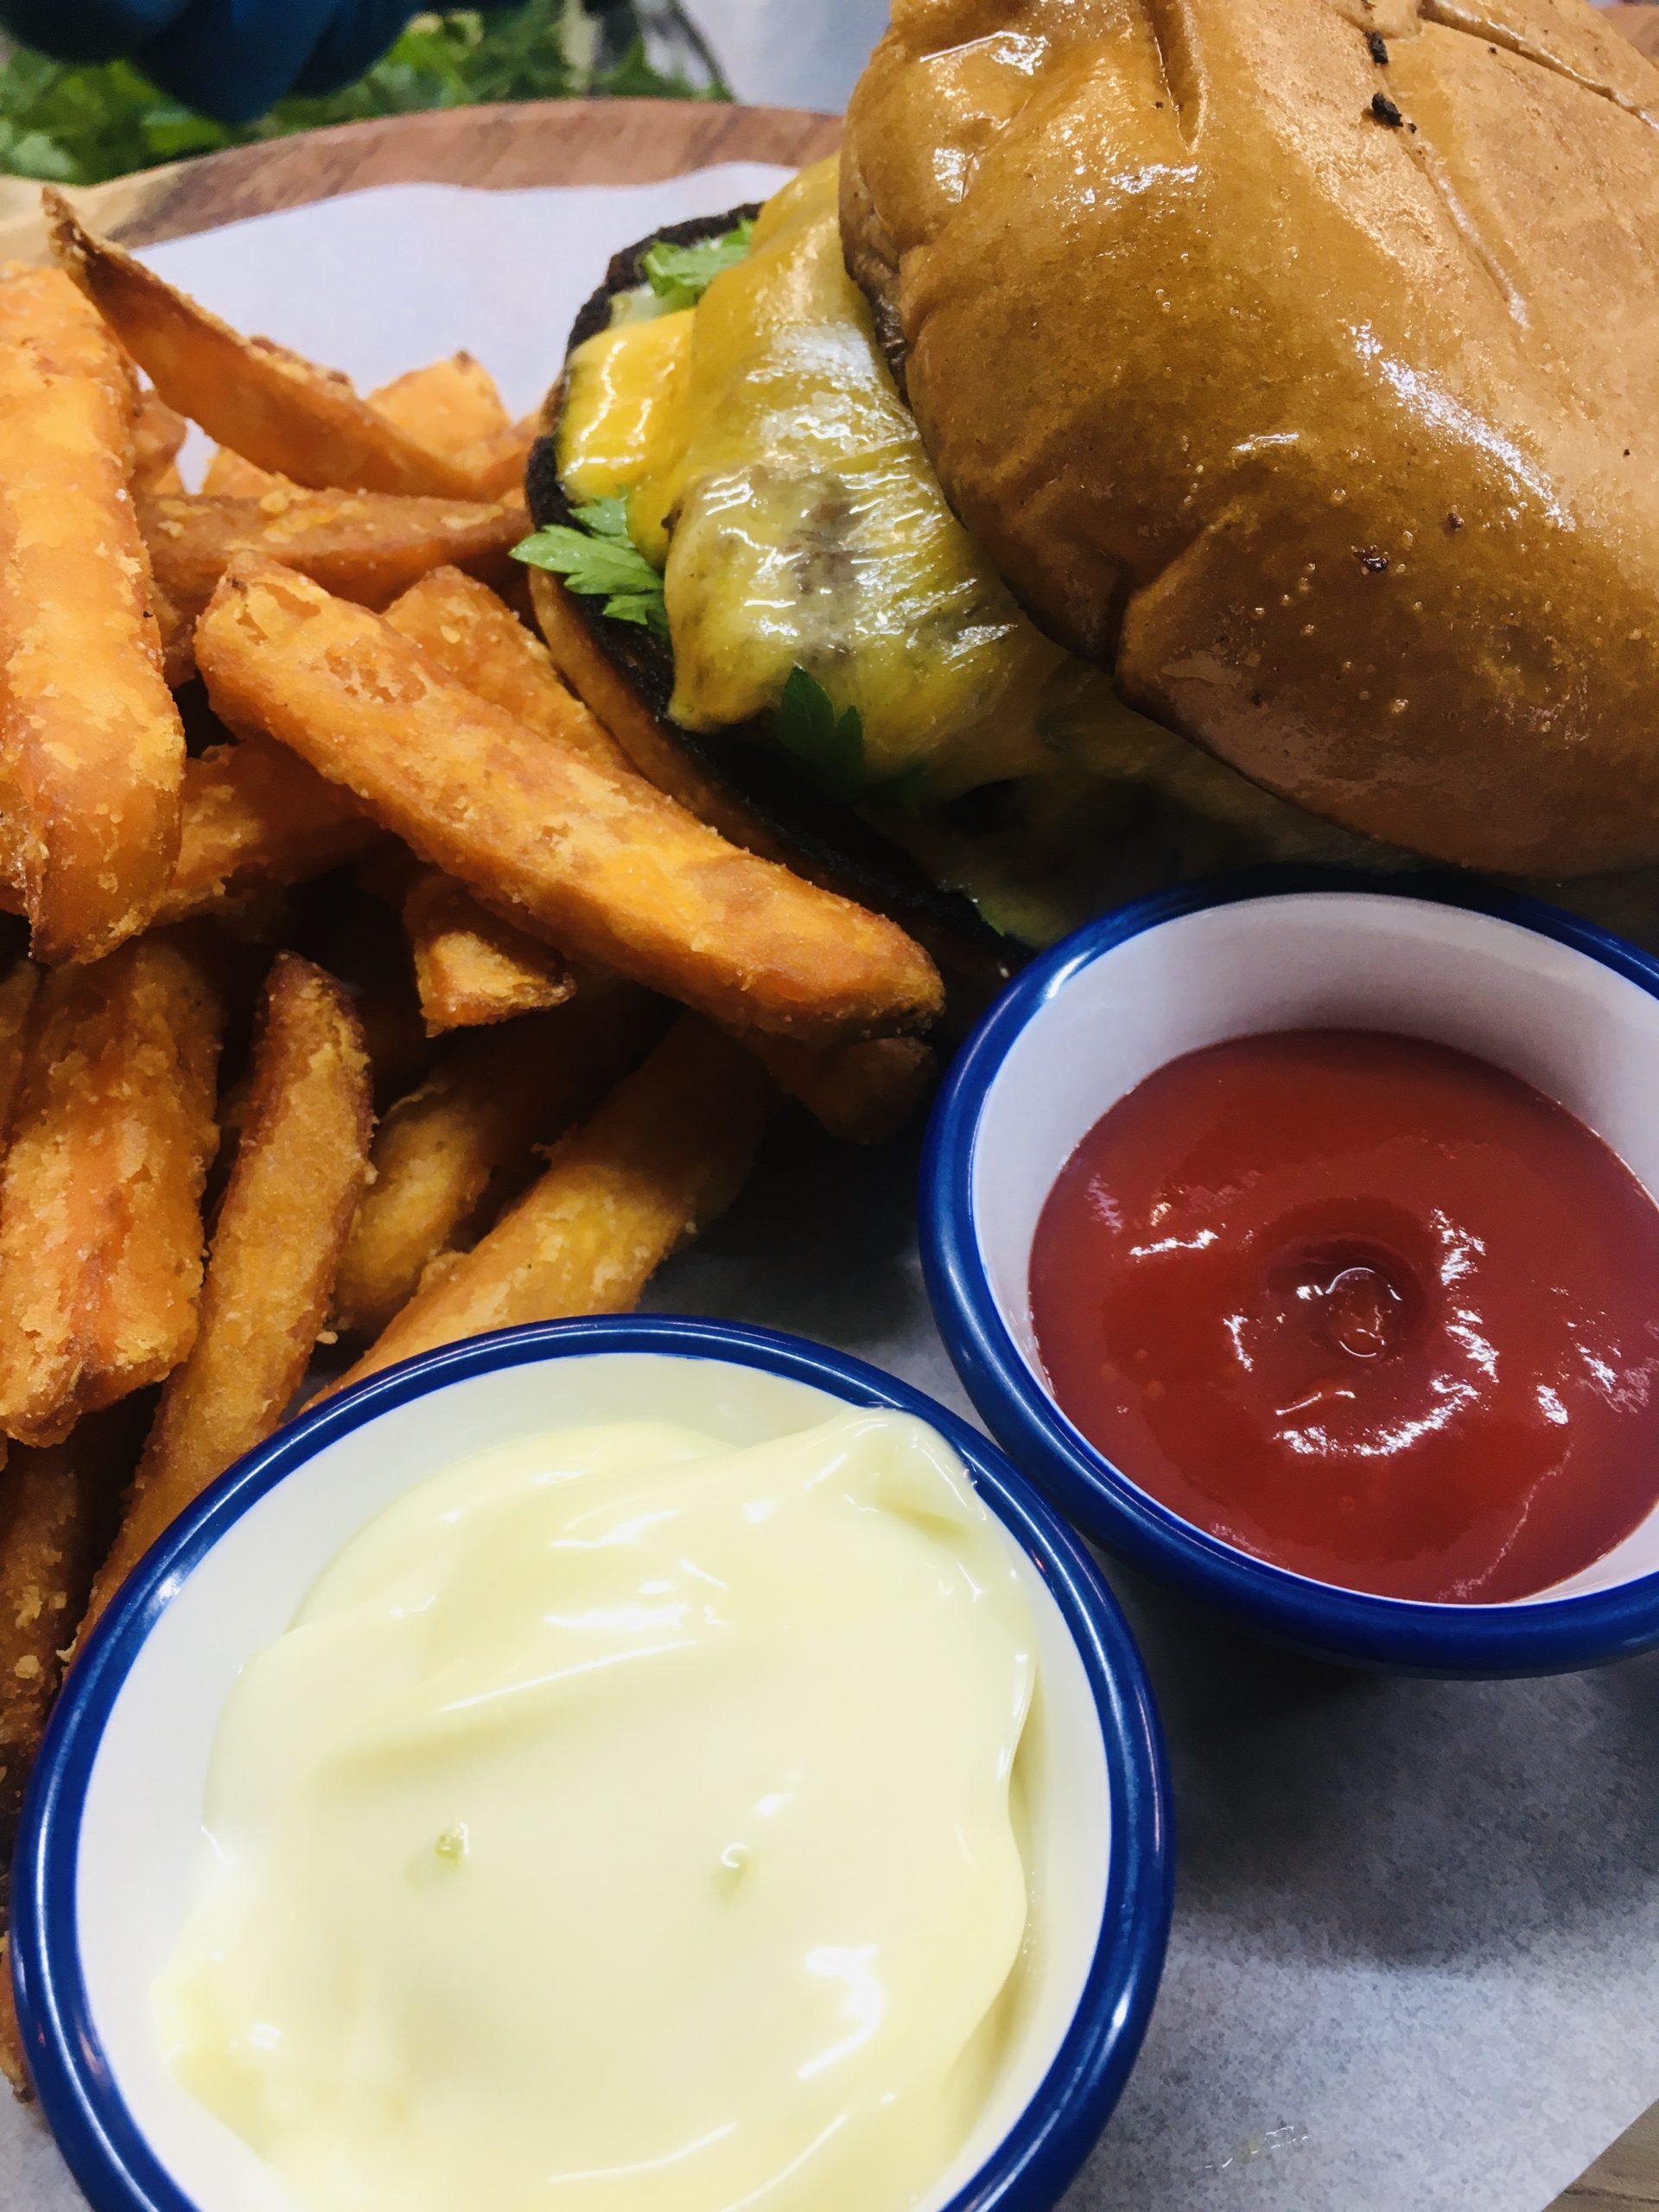 #cosmo_classic_burger